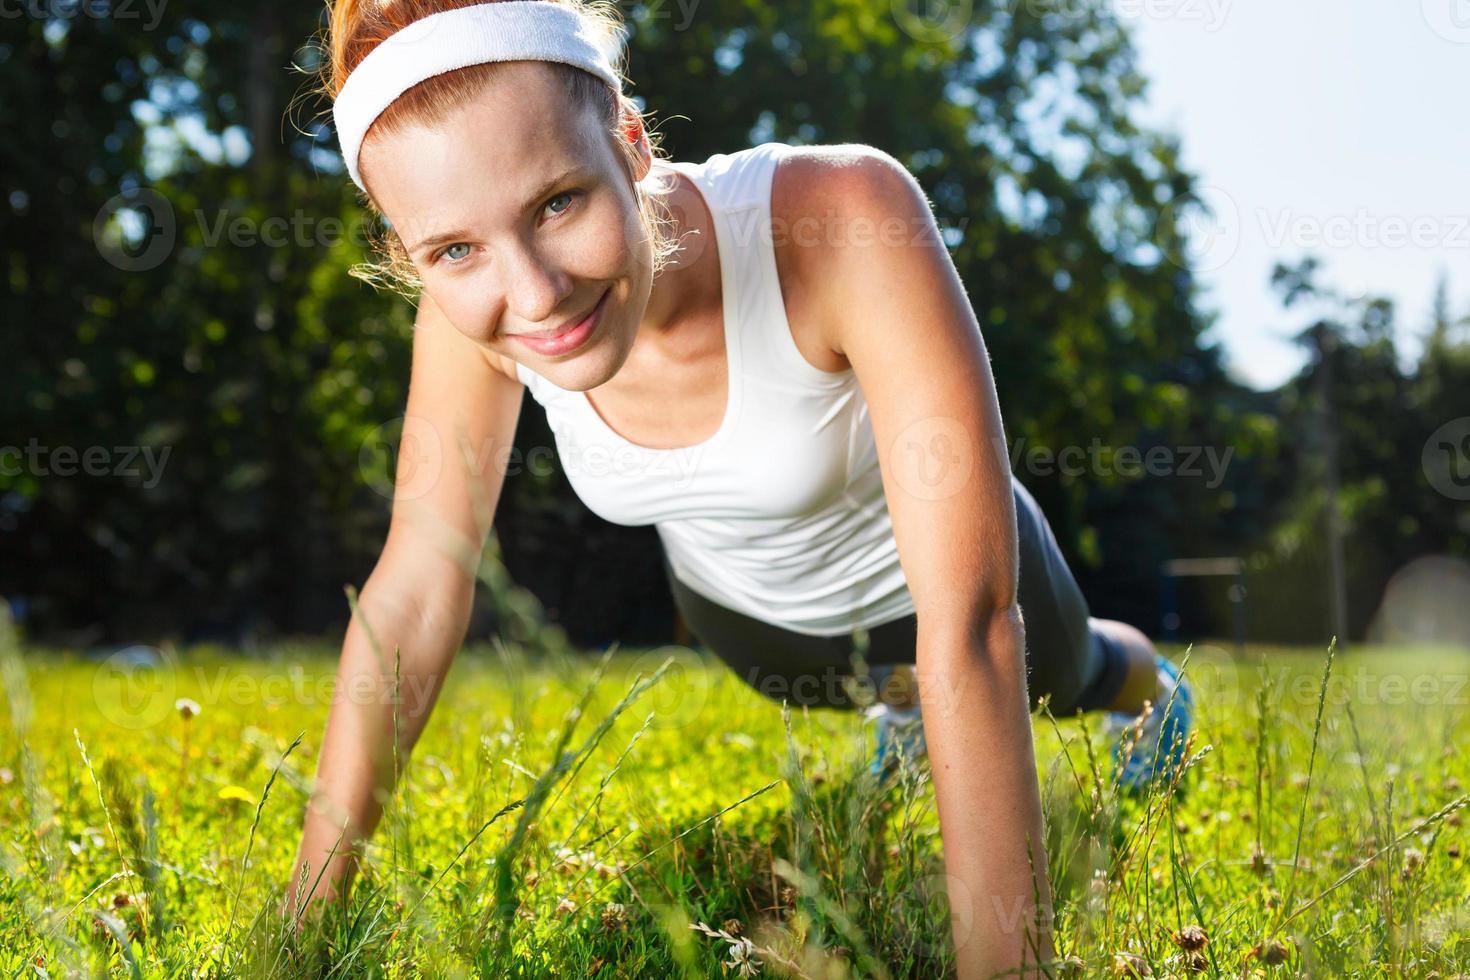 jovem fazendo flexões na grama verde. foto